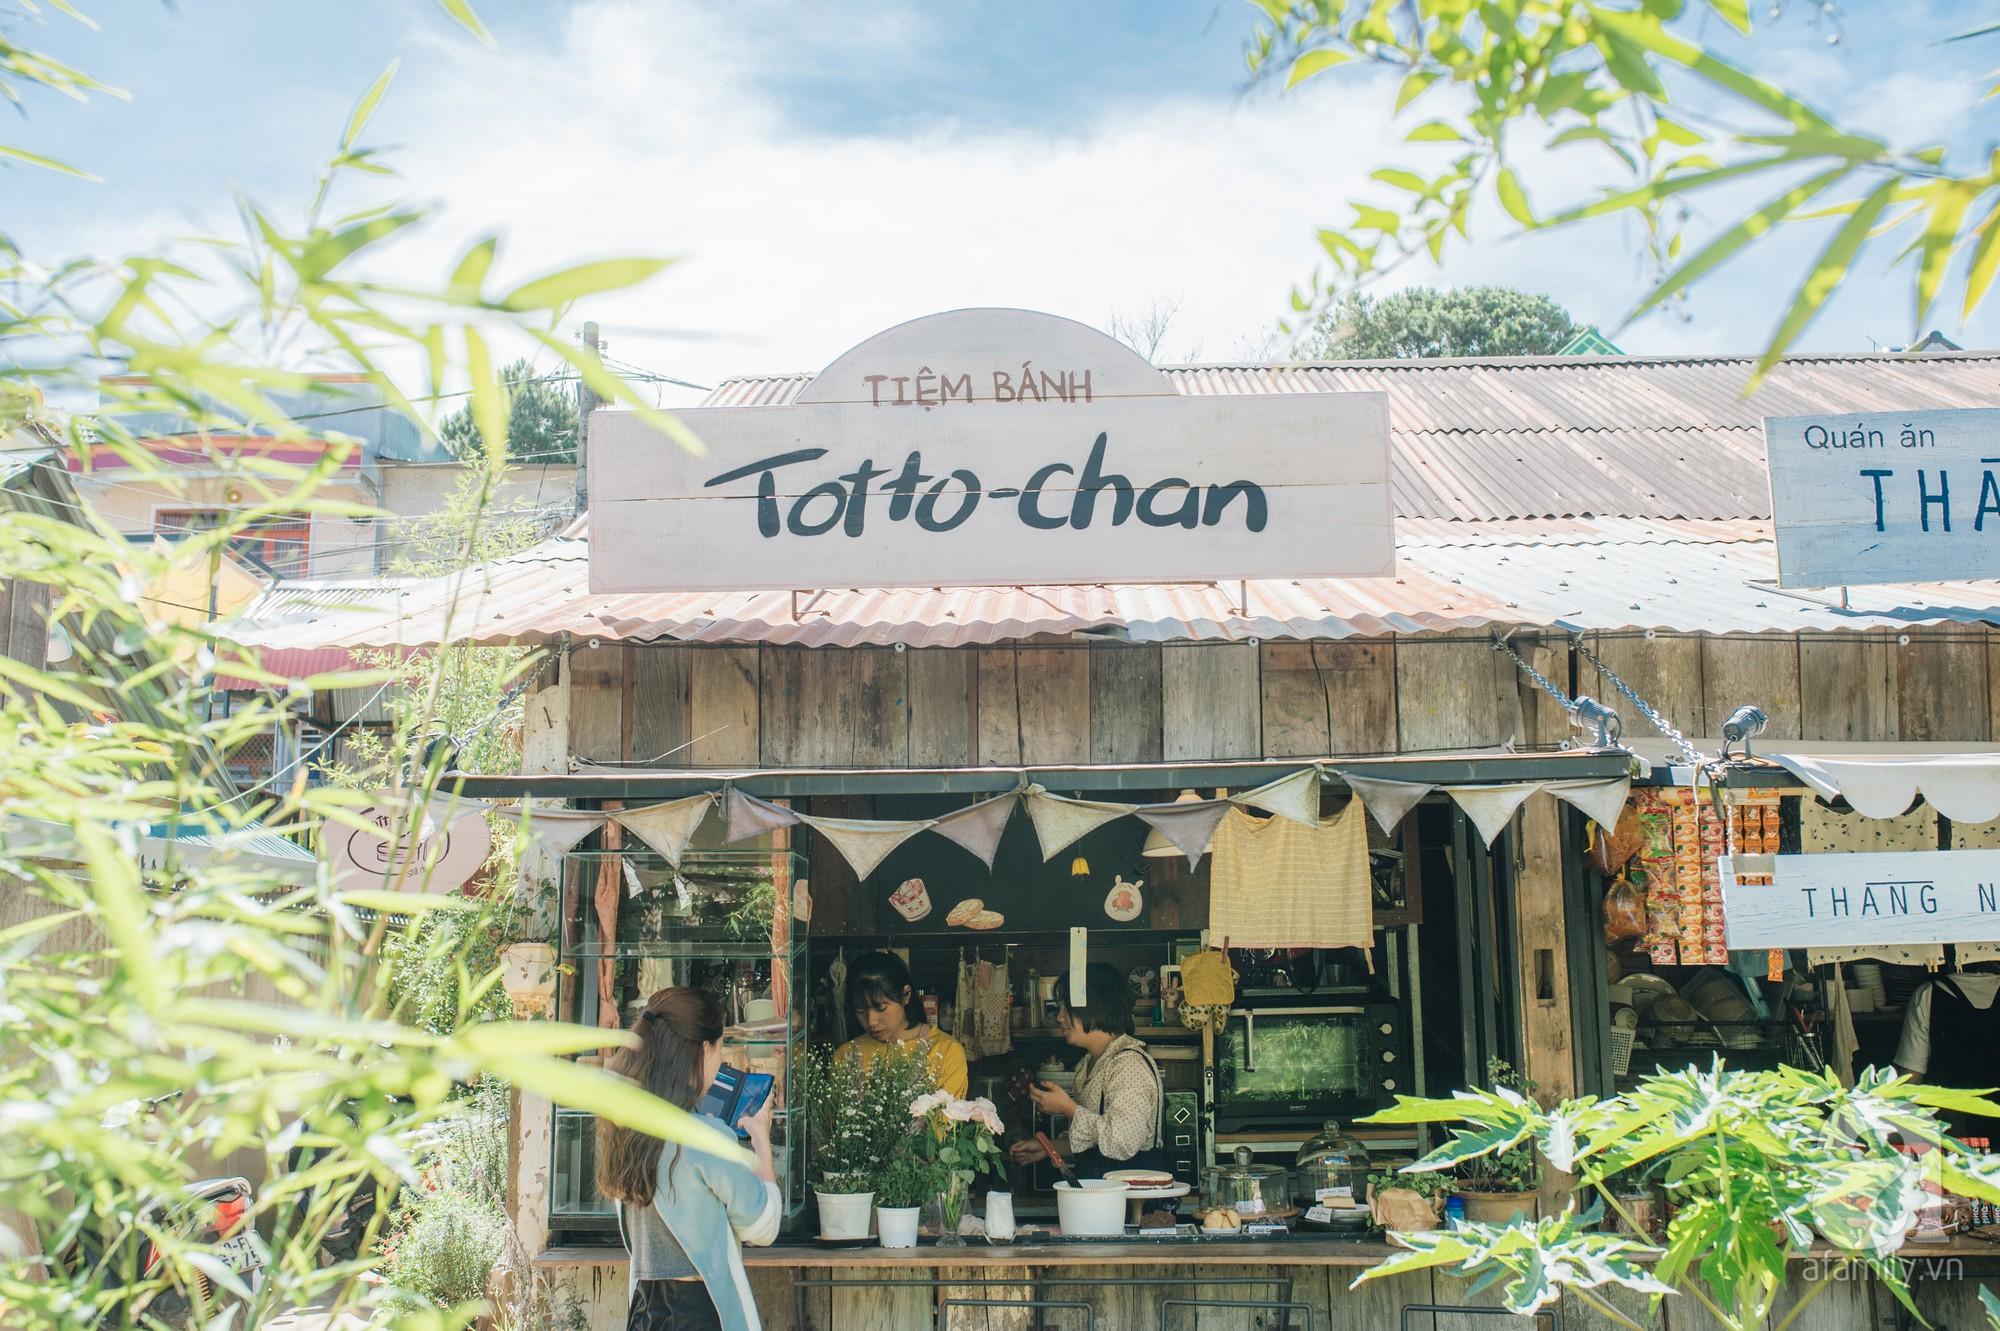 Dalat_tiem-banh-totto-chan-01